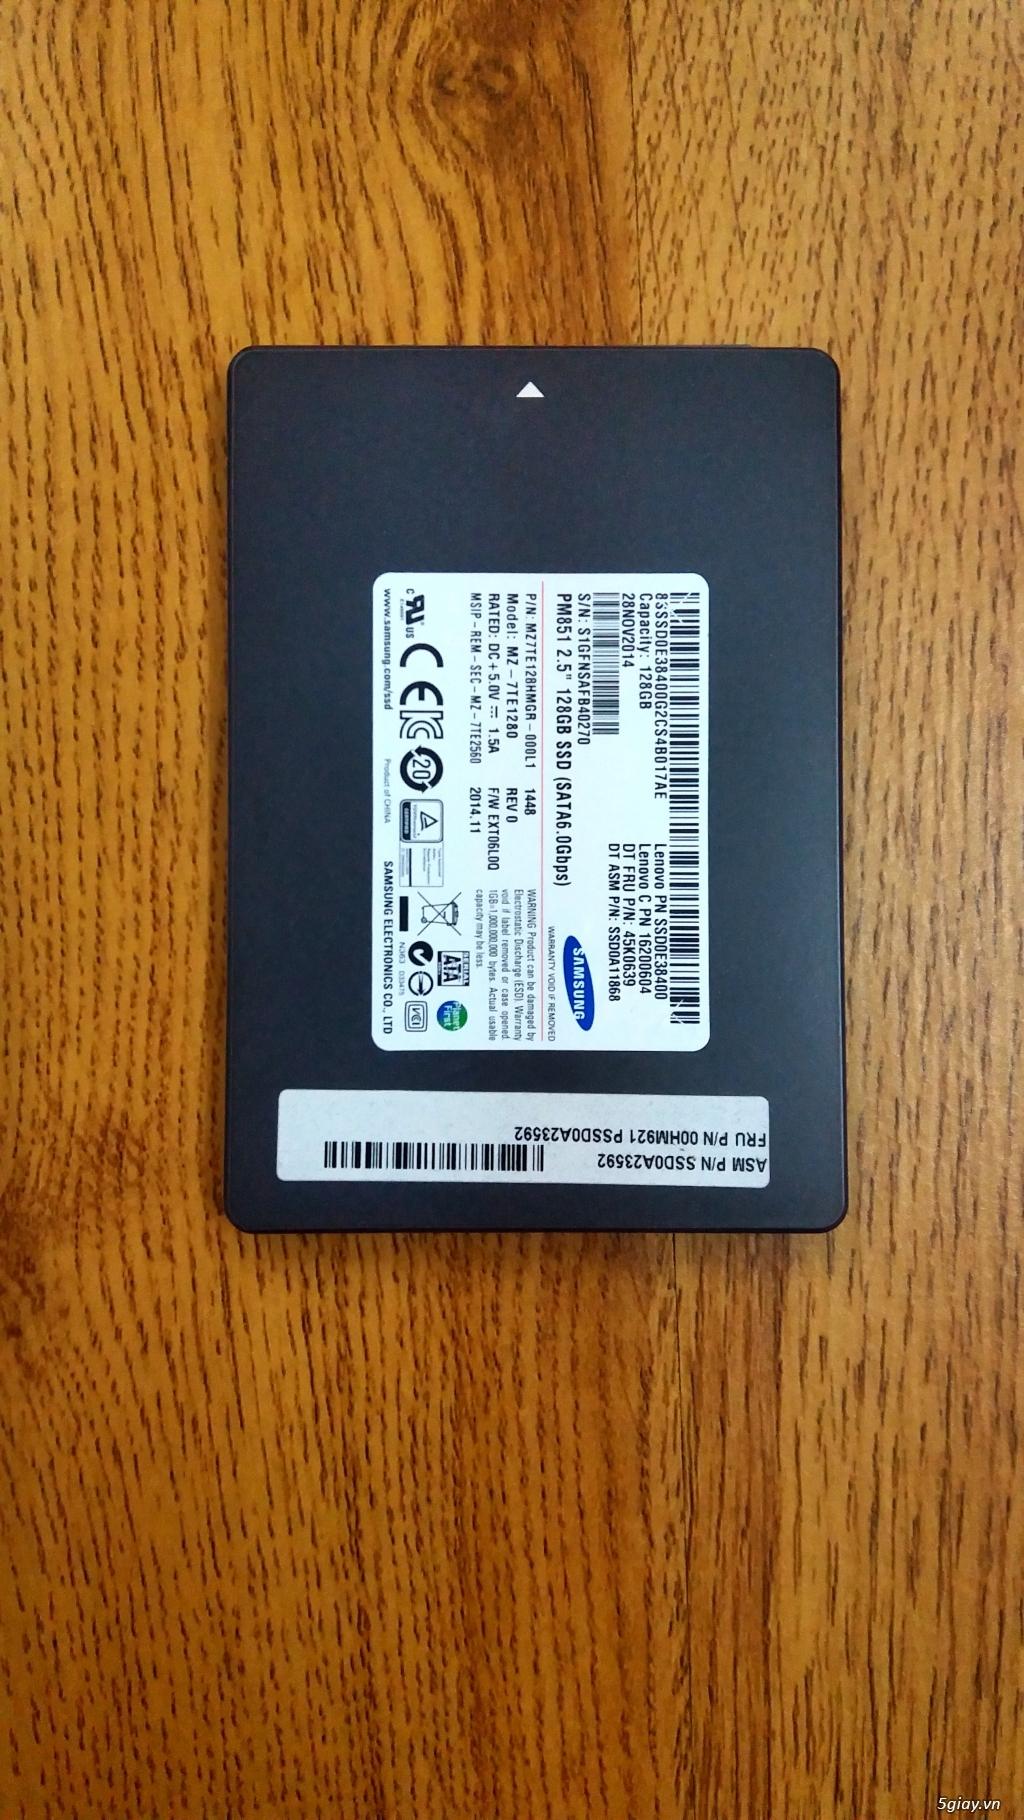 Ssd Samsung 128gb zin chính hãng, sức khỏe 100% nhập từ Mỹ.